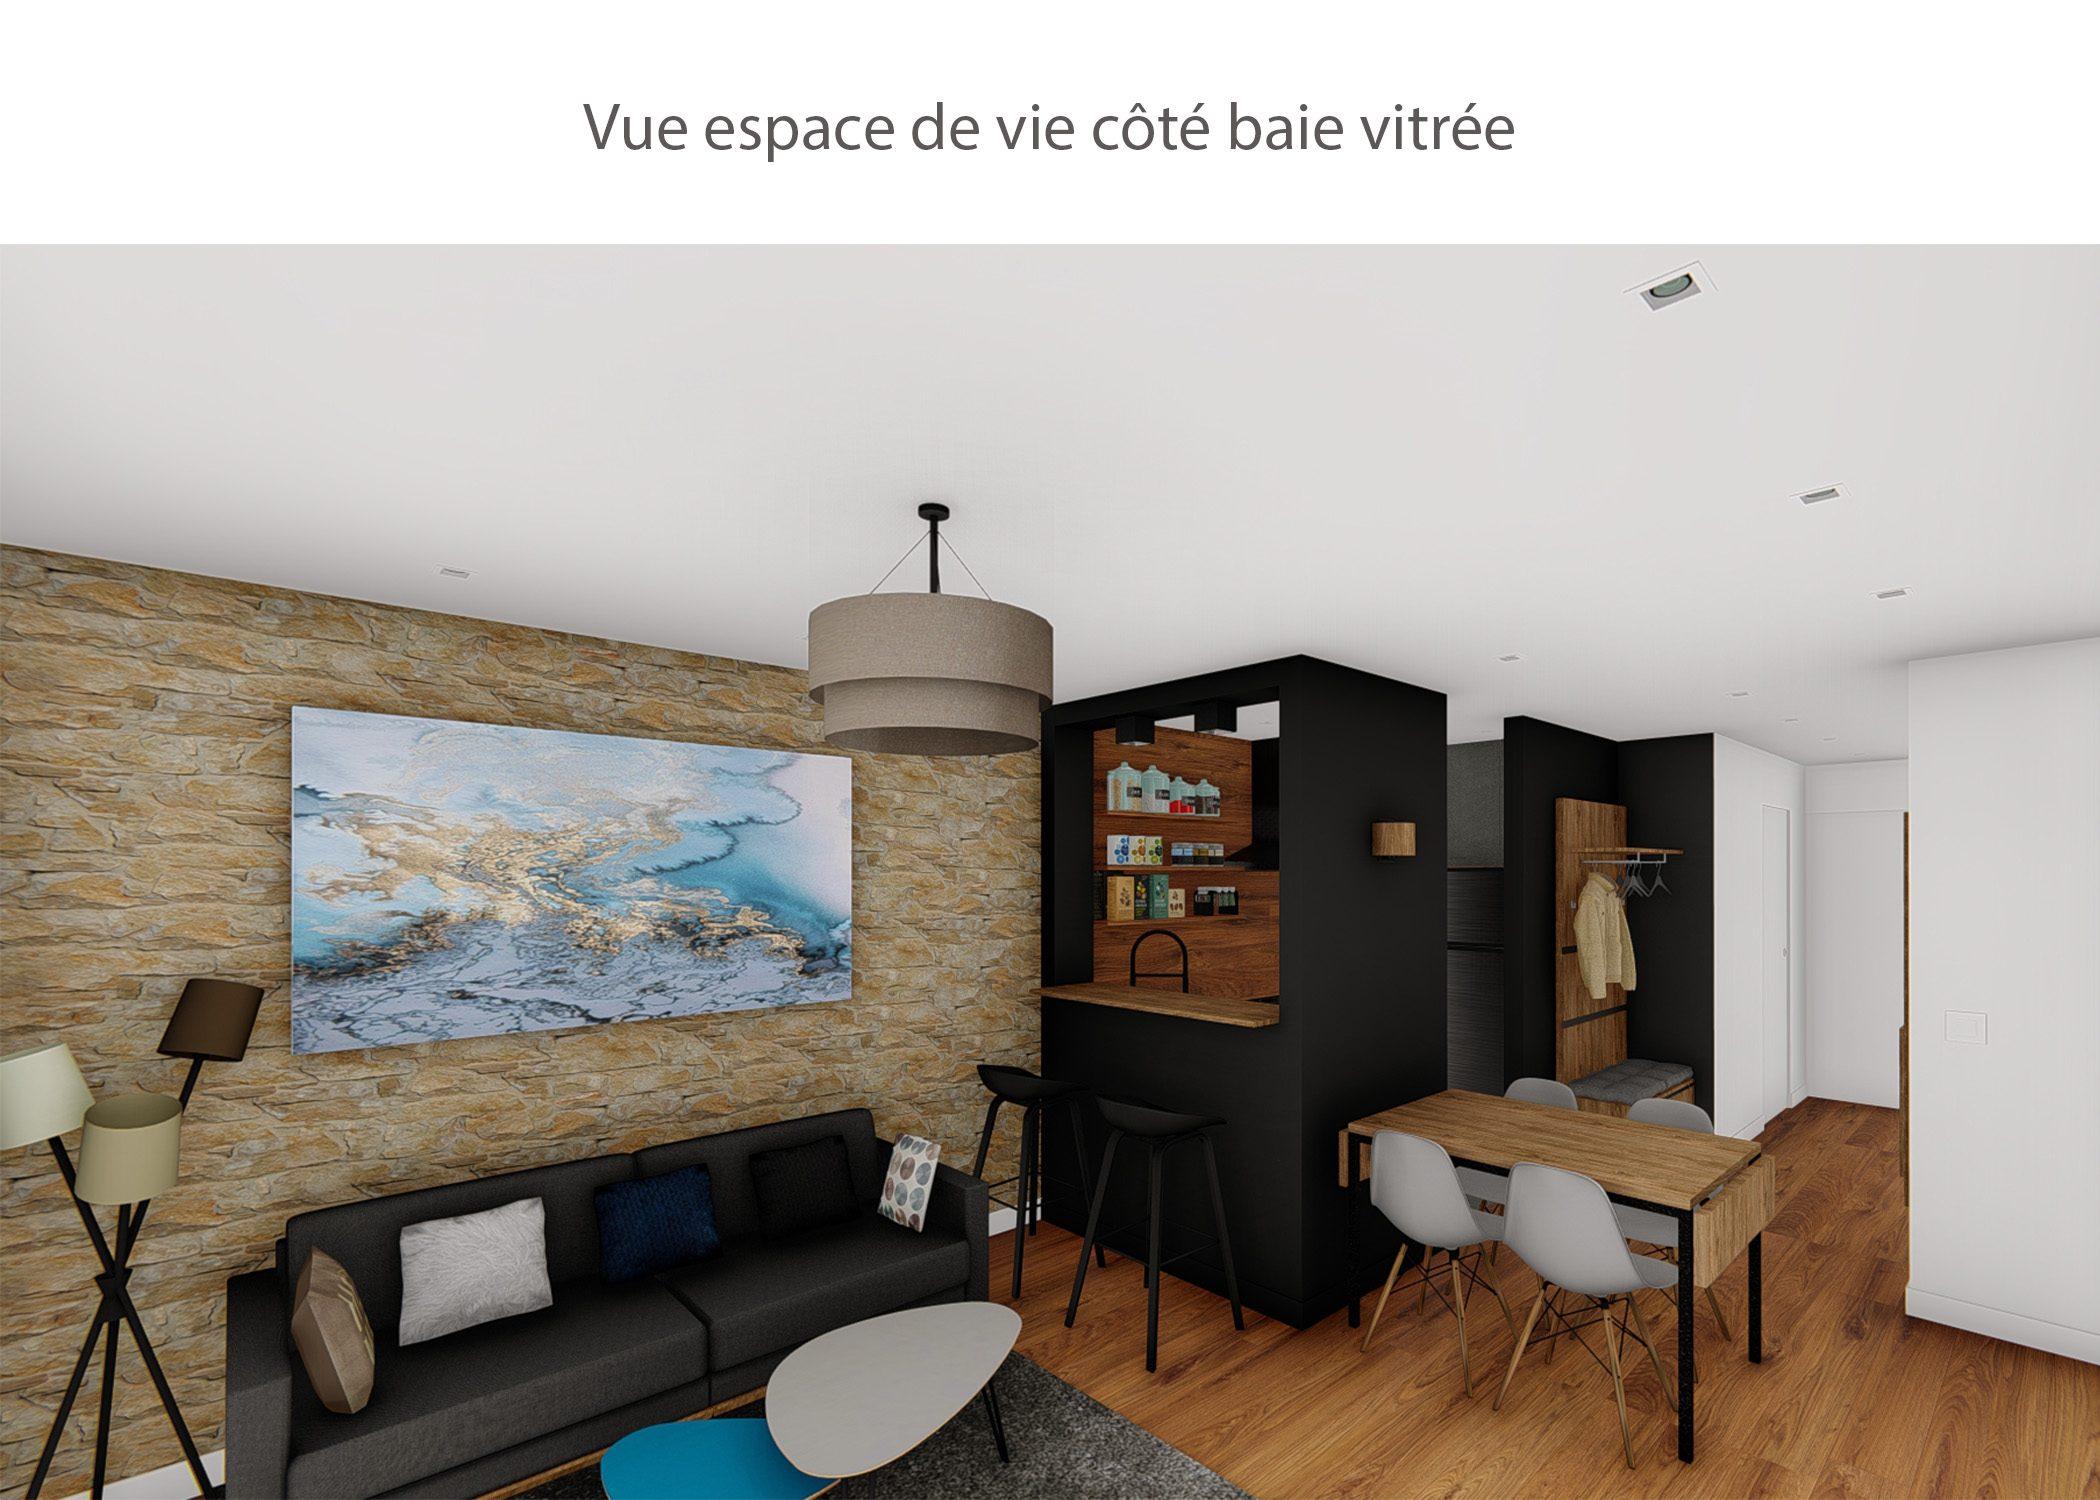 amenagement-decoration-appartement-montagne-italie-espace de vie cote baie vitree-dekho design